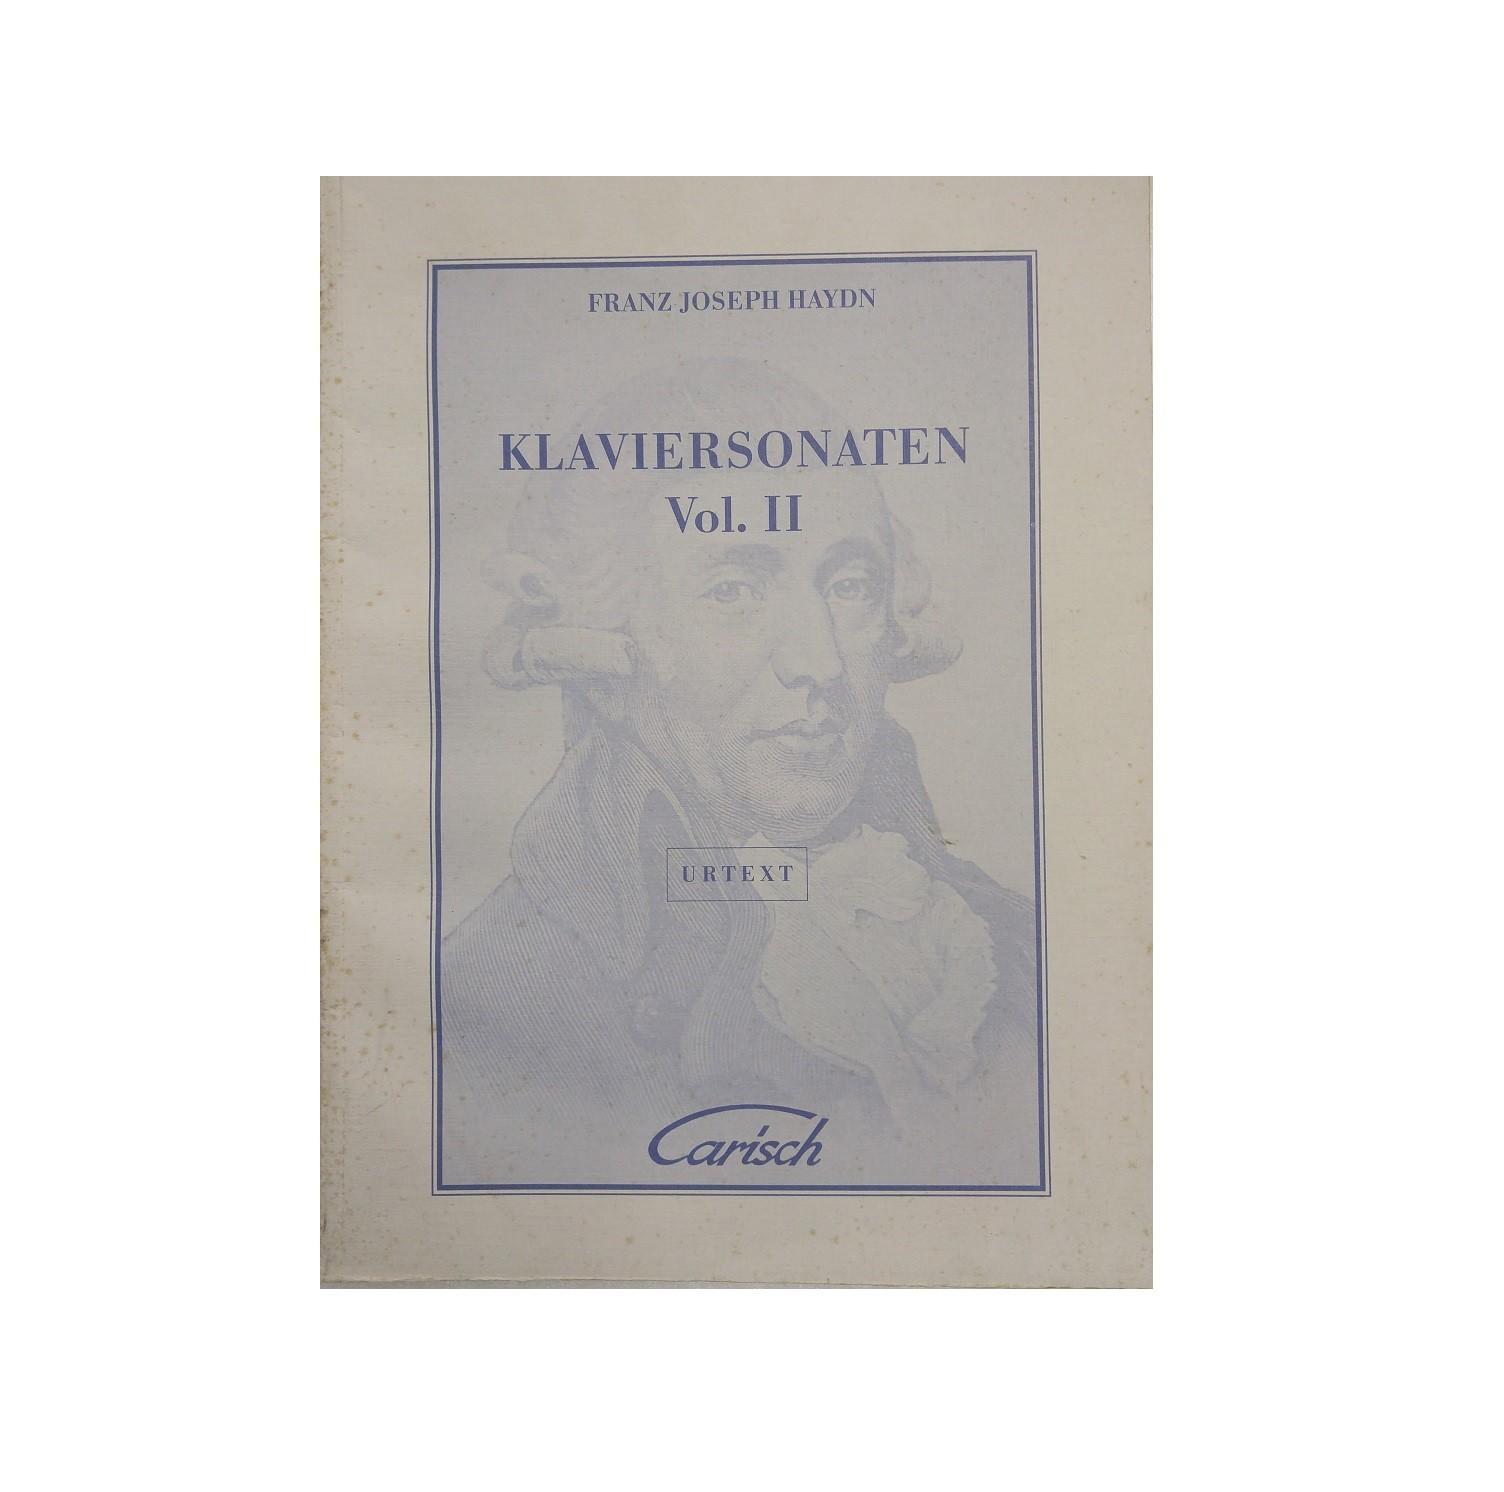 Klaviersonaten Vol. II - Franz Joseph Haydn - Urtext 22426